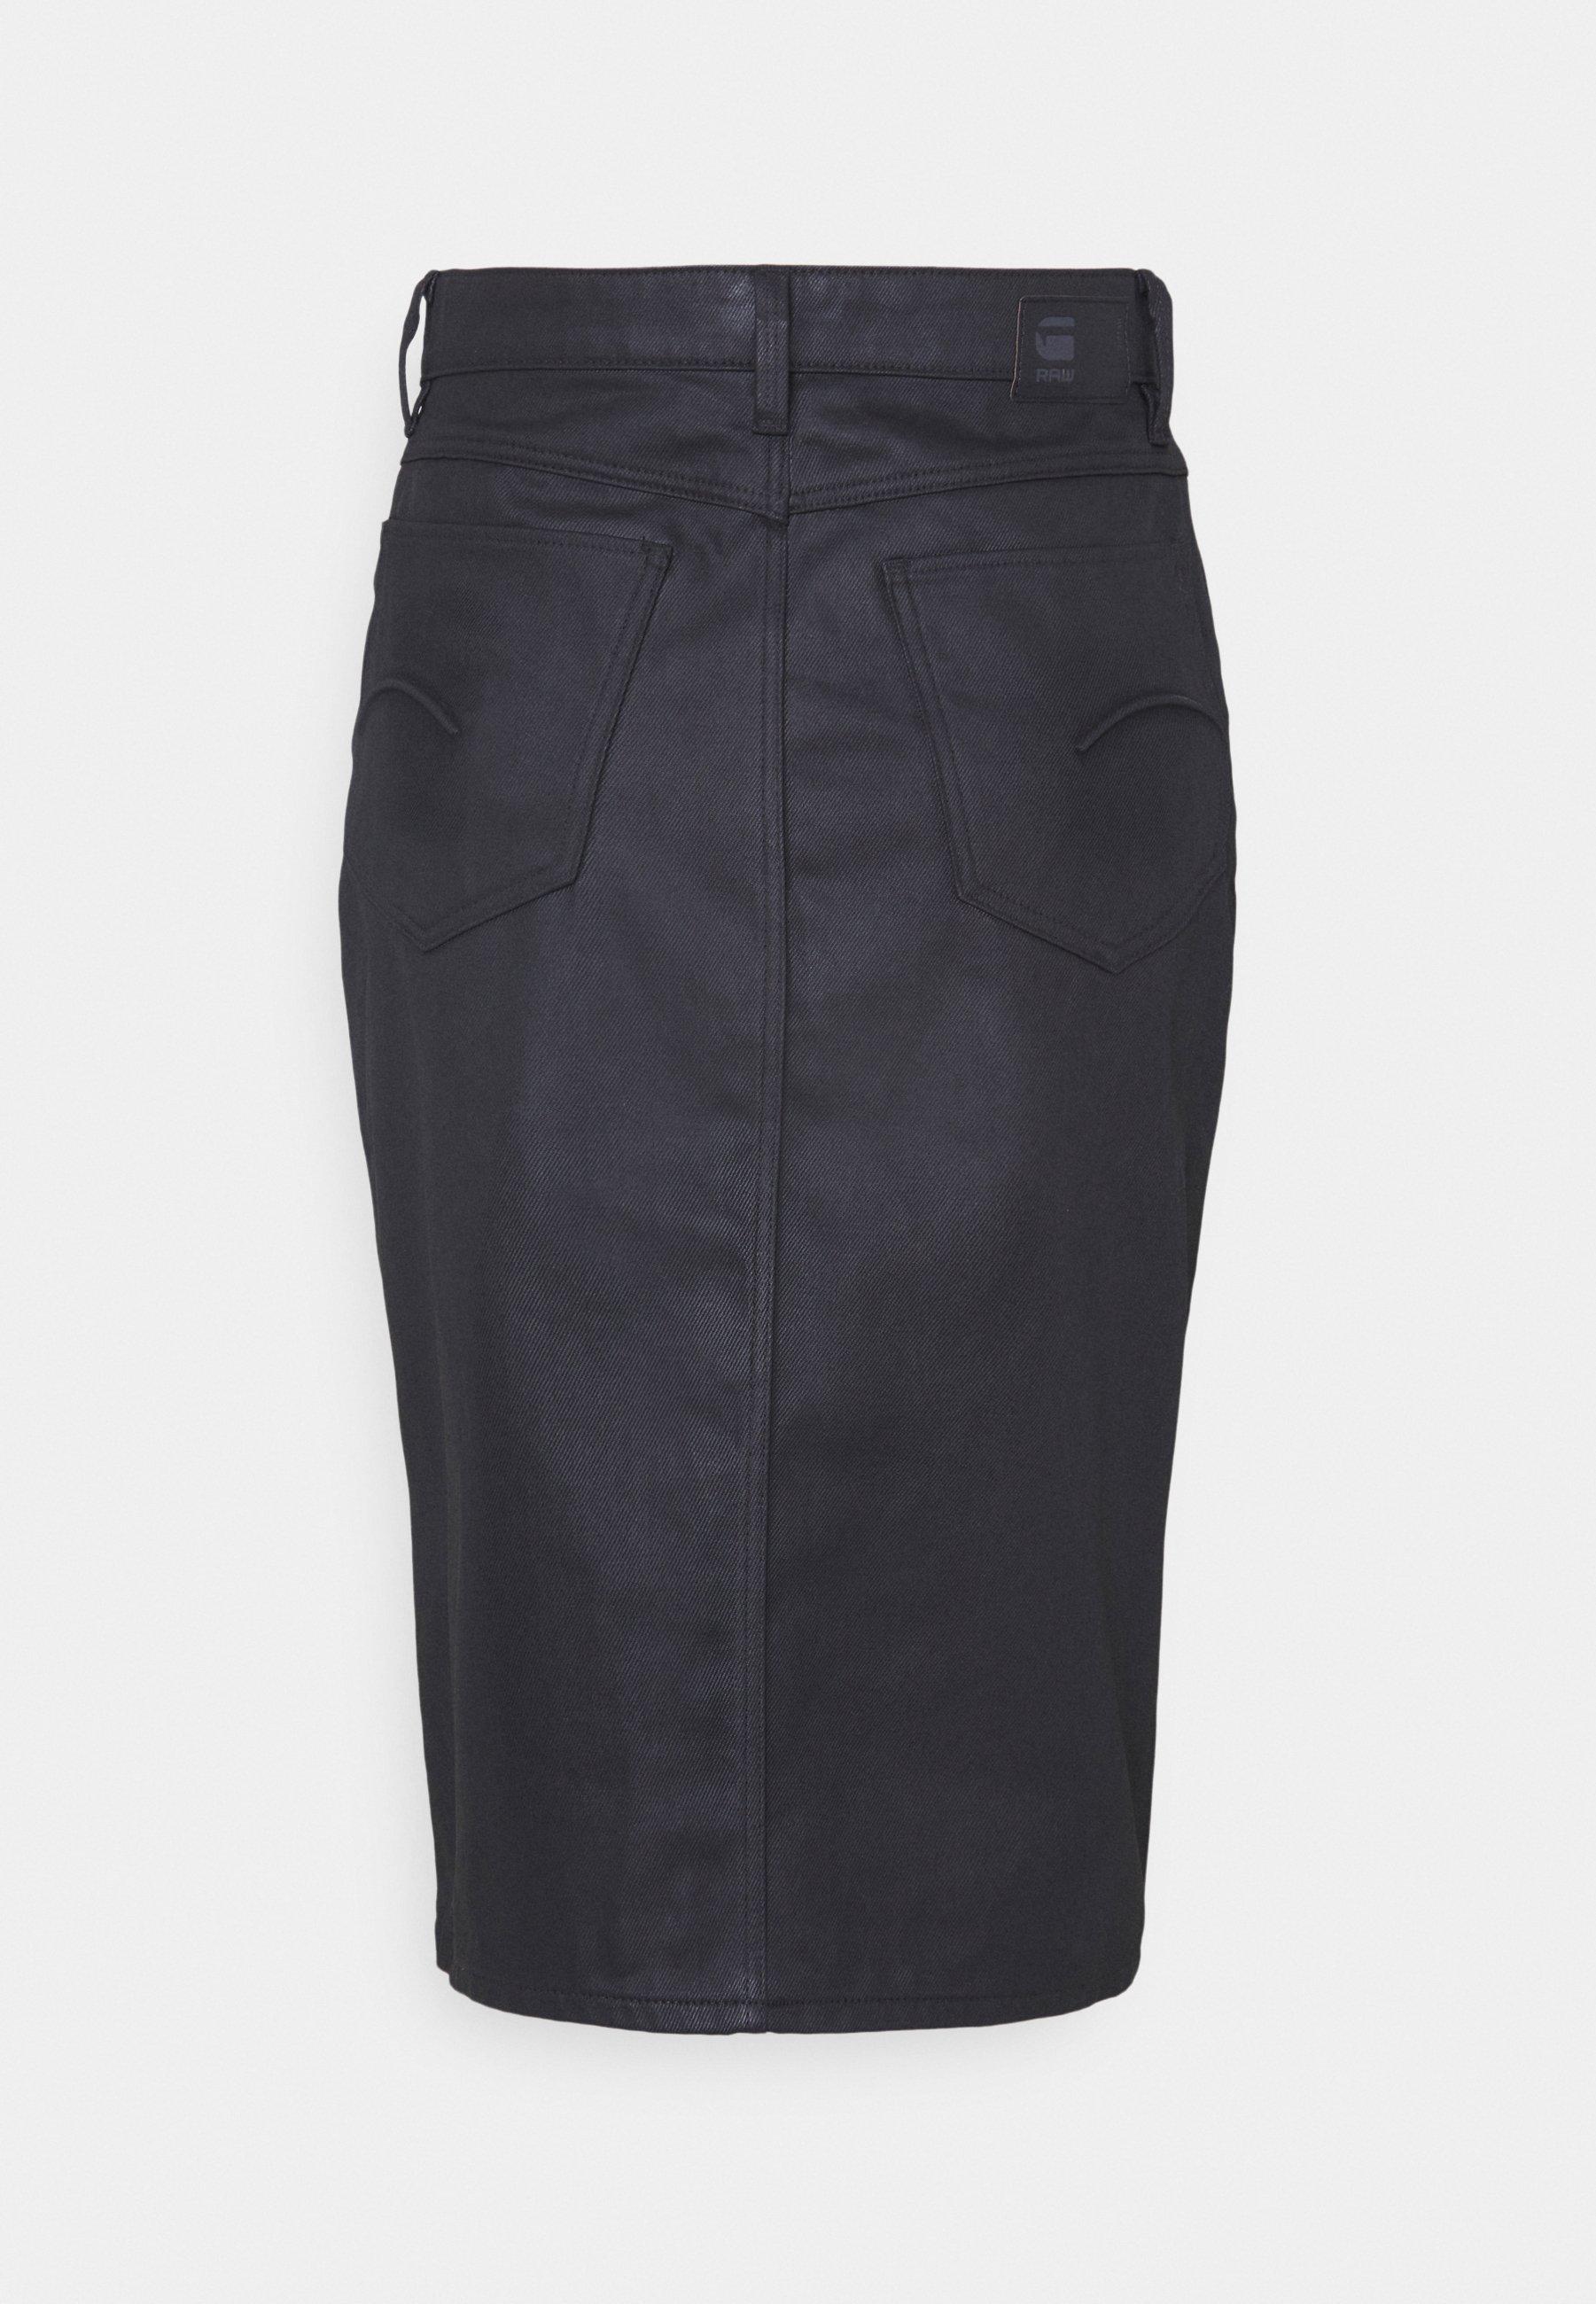 Women NOXER NAVY PENCIL BUTTON SKIRT - Pencil skirt